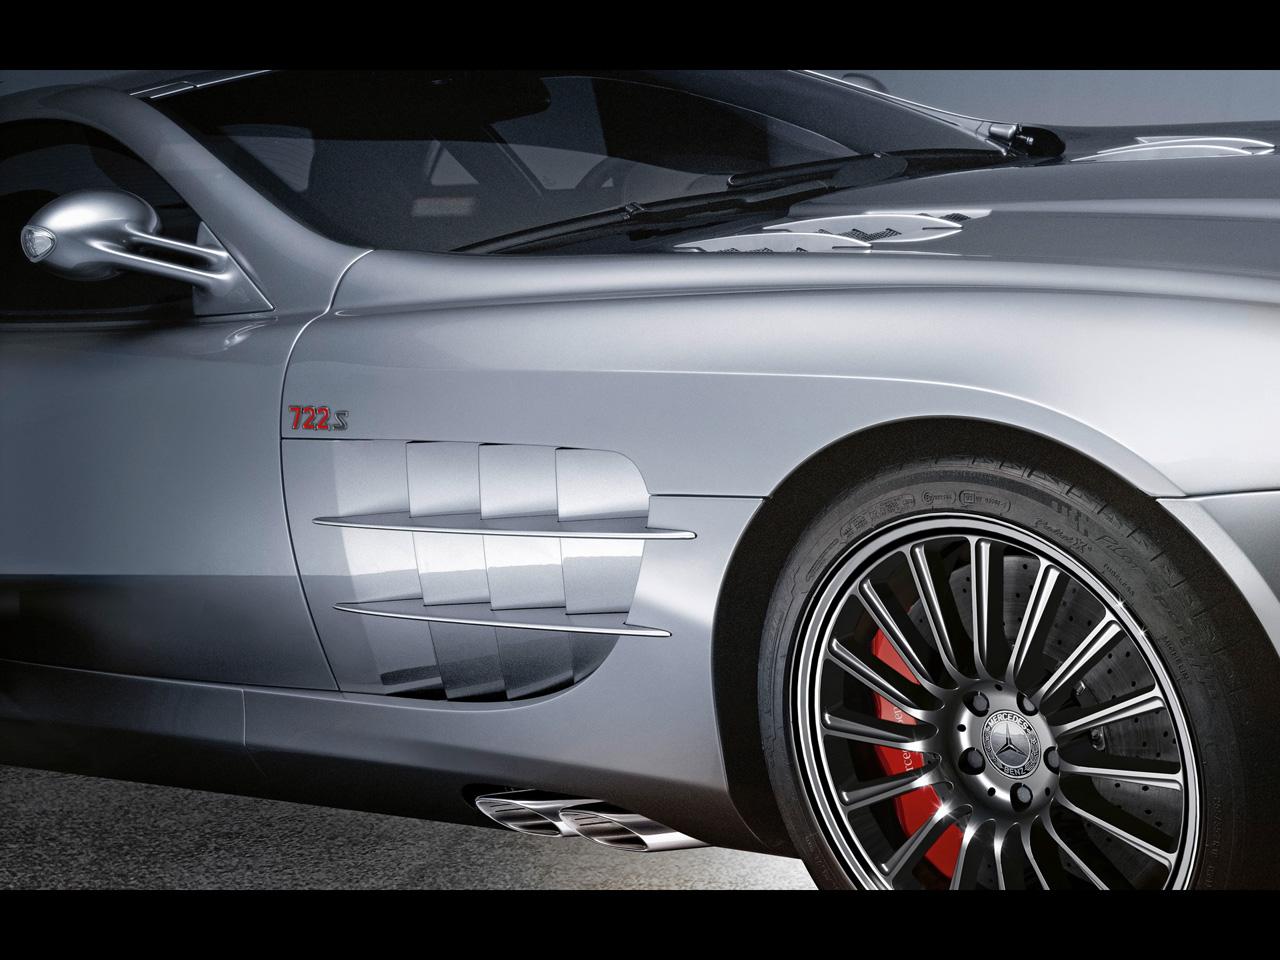 2009-Mercedes-Benz-SLR-McLaren-Roadster-722-S-Fender-Gills-1280x960.jpg